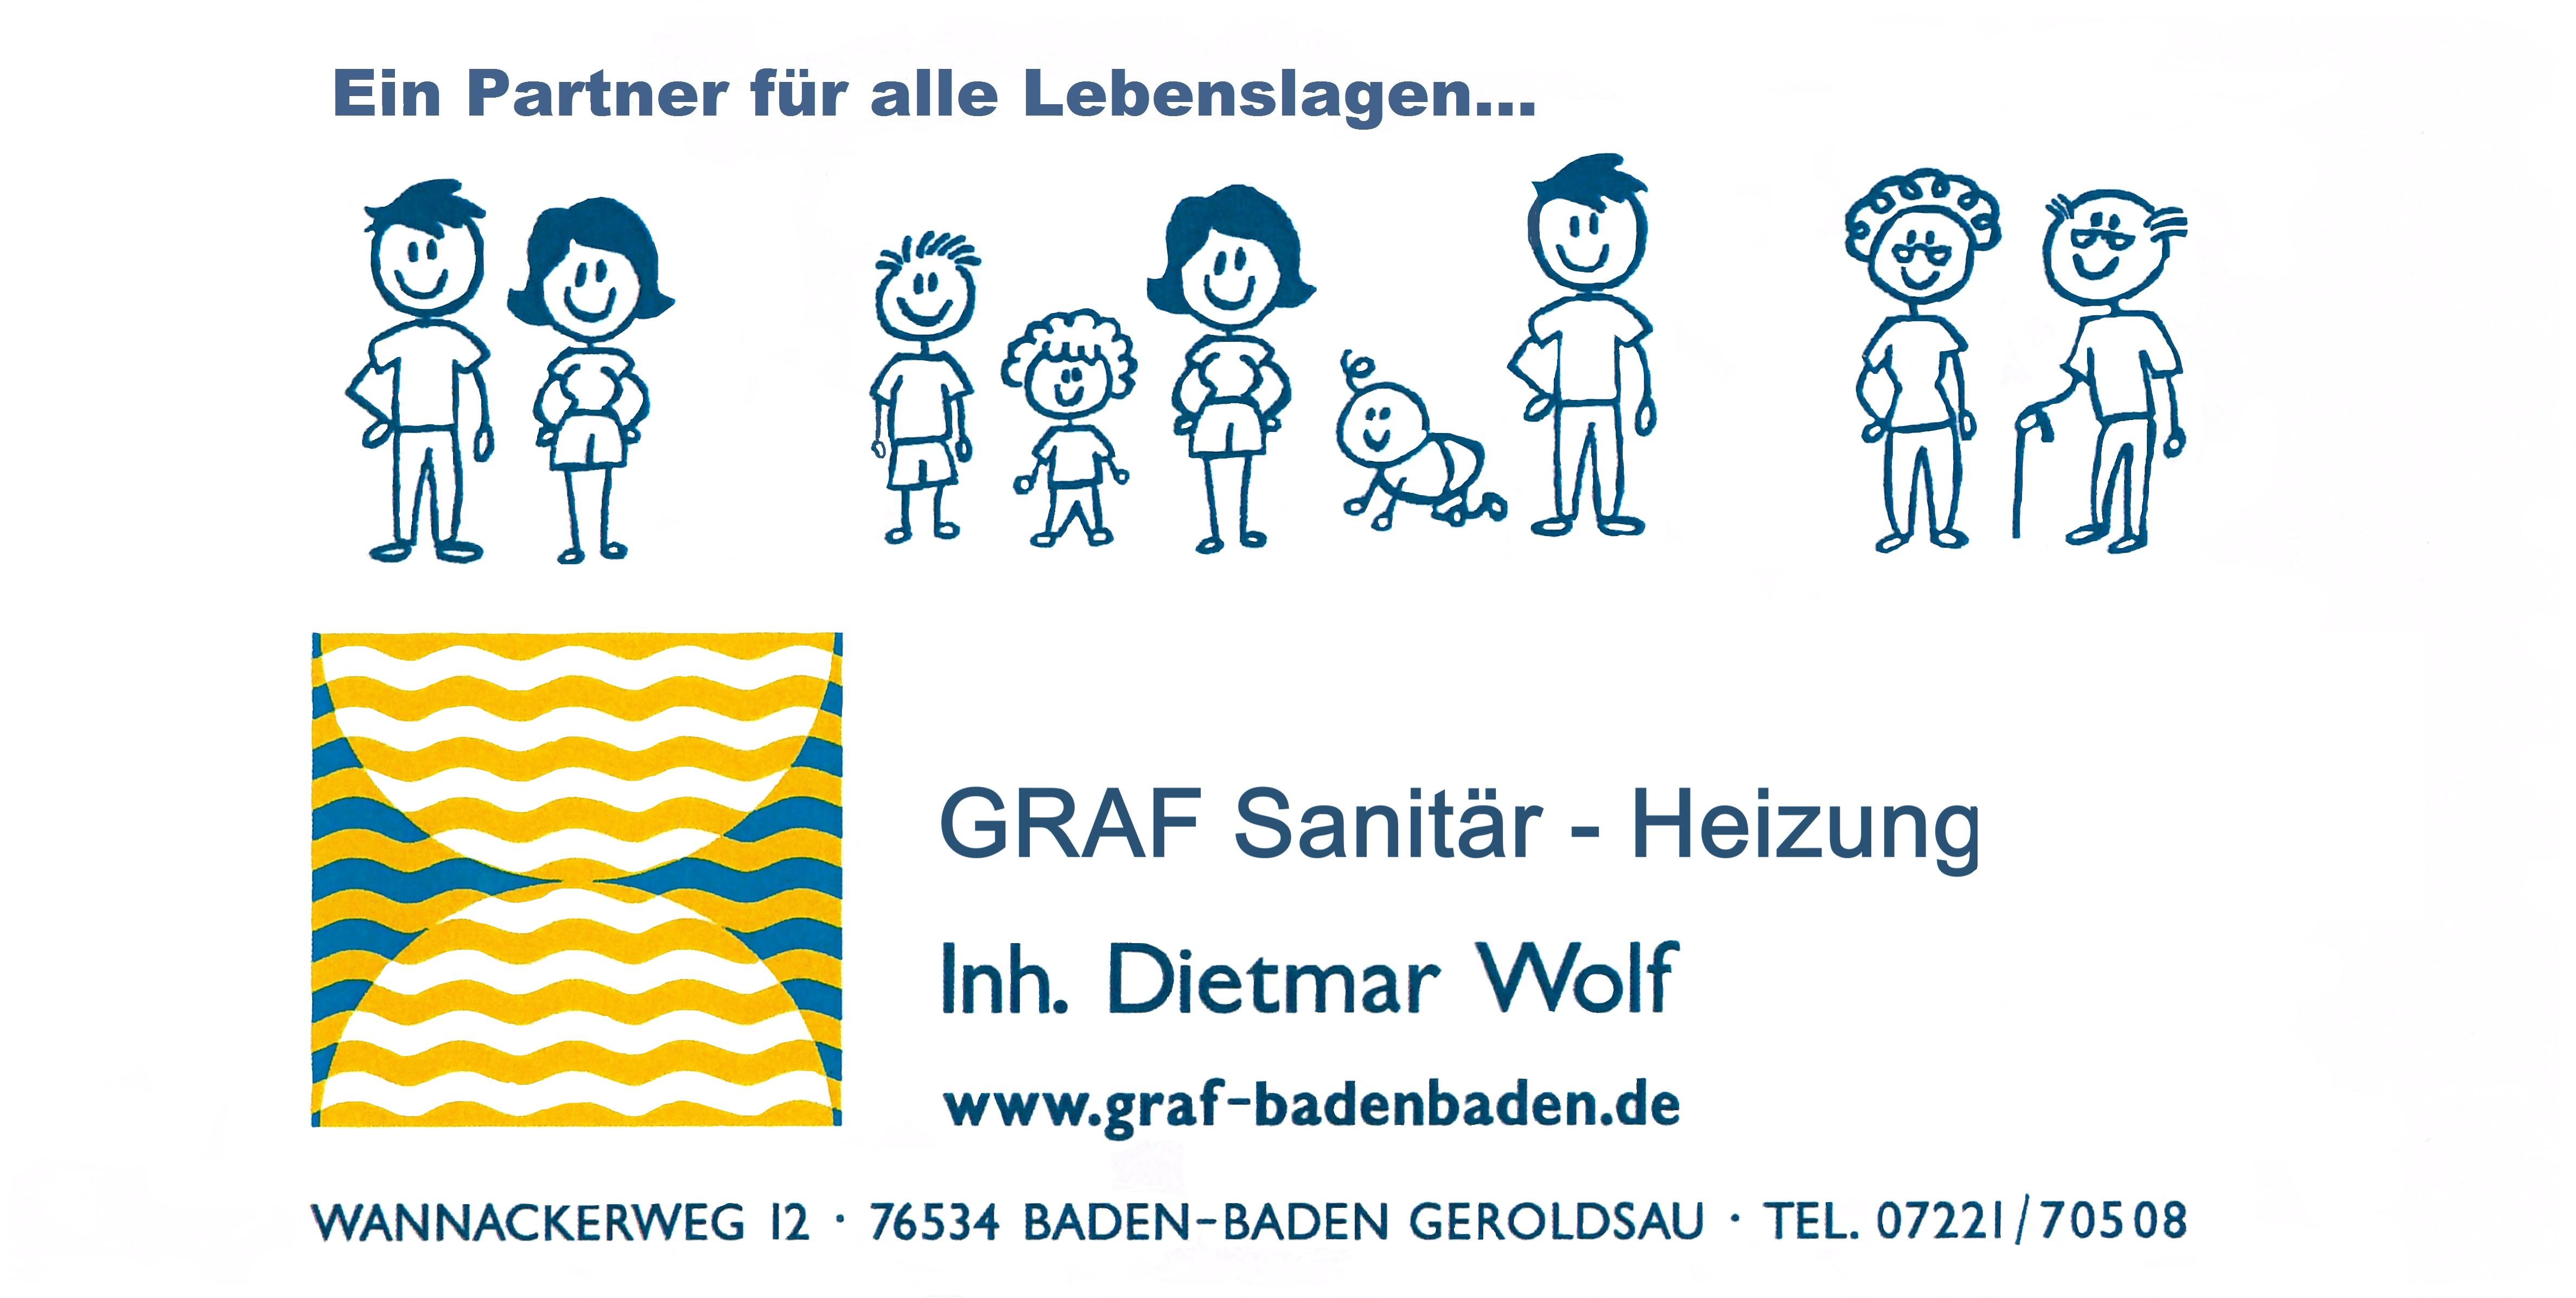 Graf Sanitär - Heizung, Inhaber Dietmar Wolf